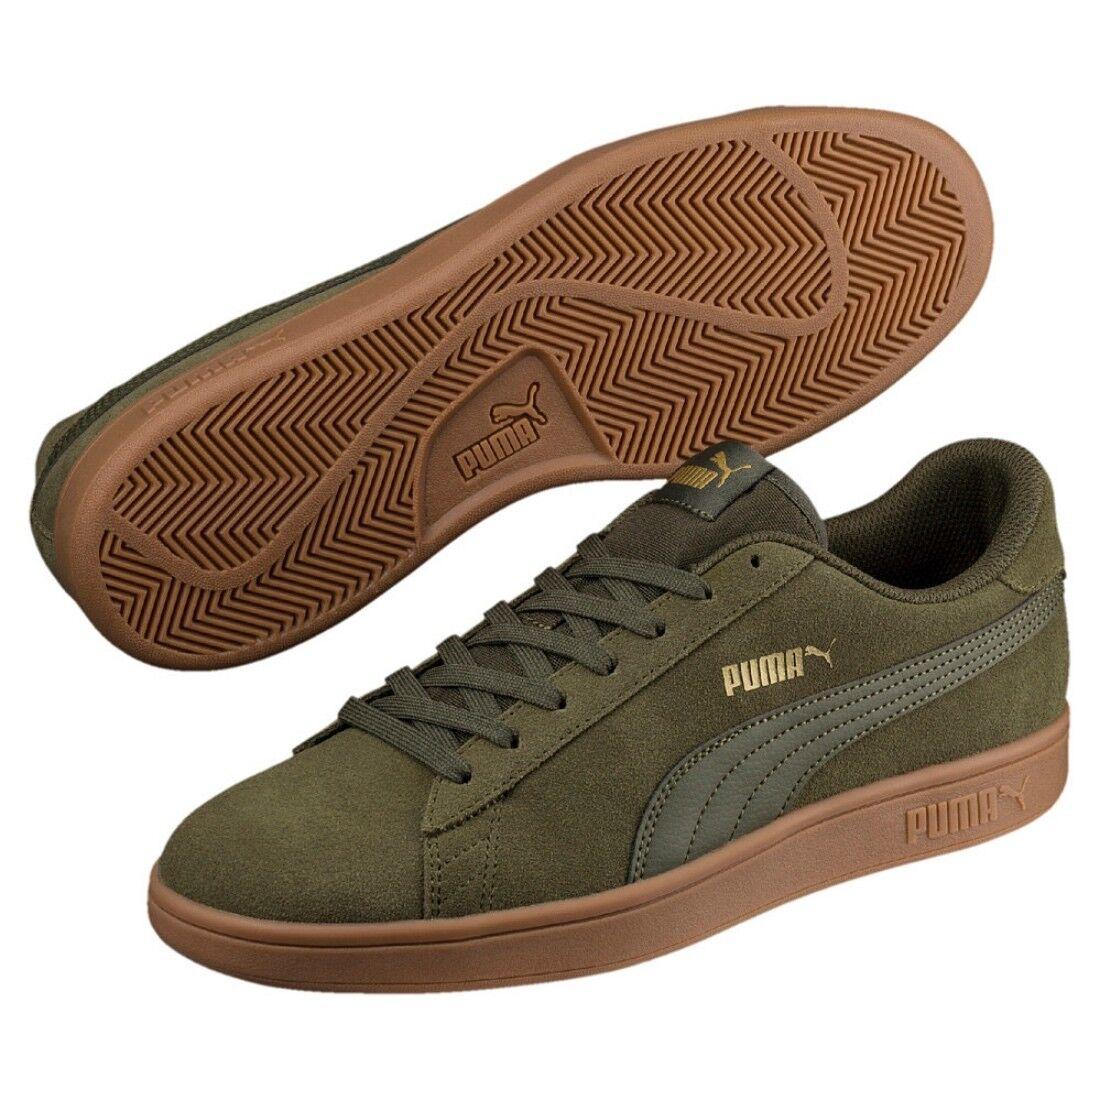 953081bca9da29 V2 Sneaker Adulte Smash Unisexe Chaussures Puma kXliTwuOPZ